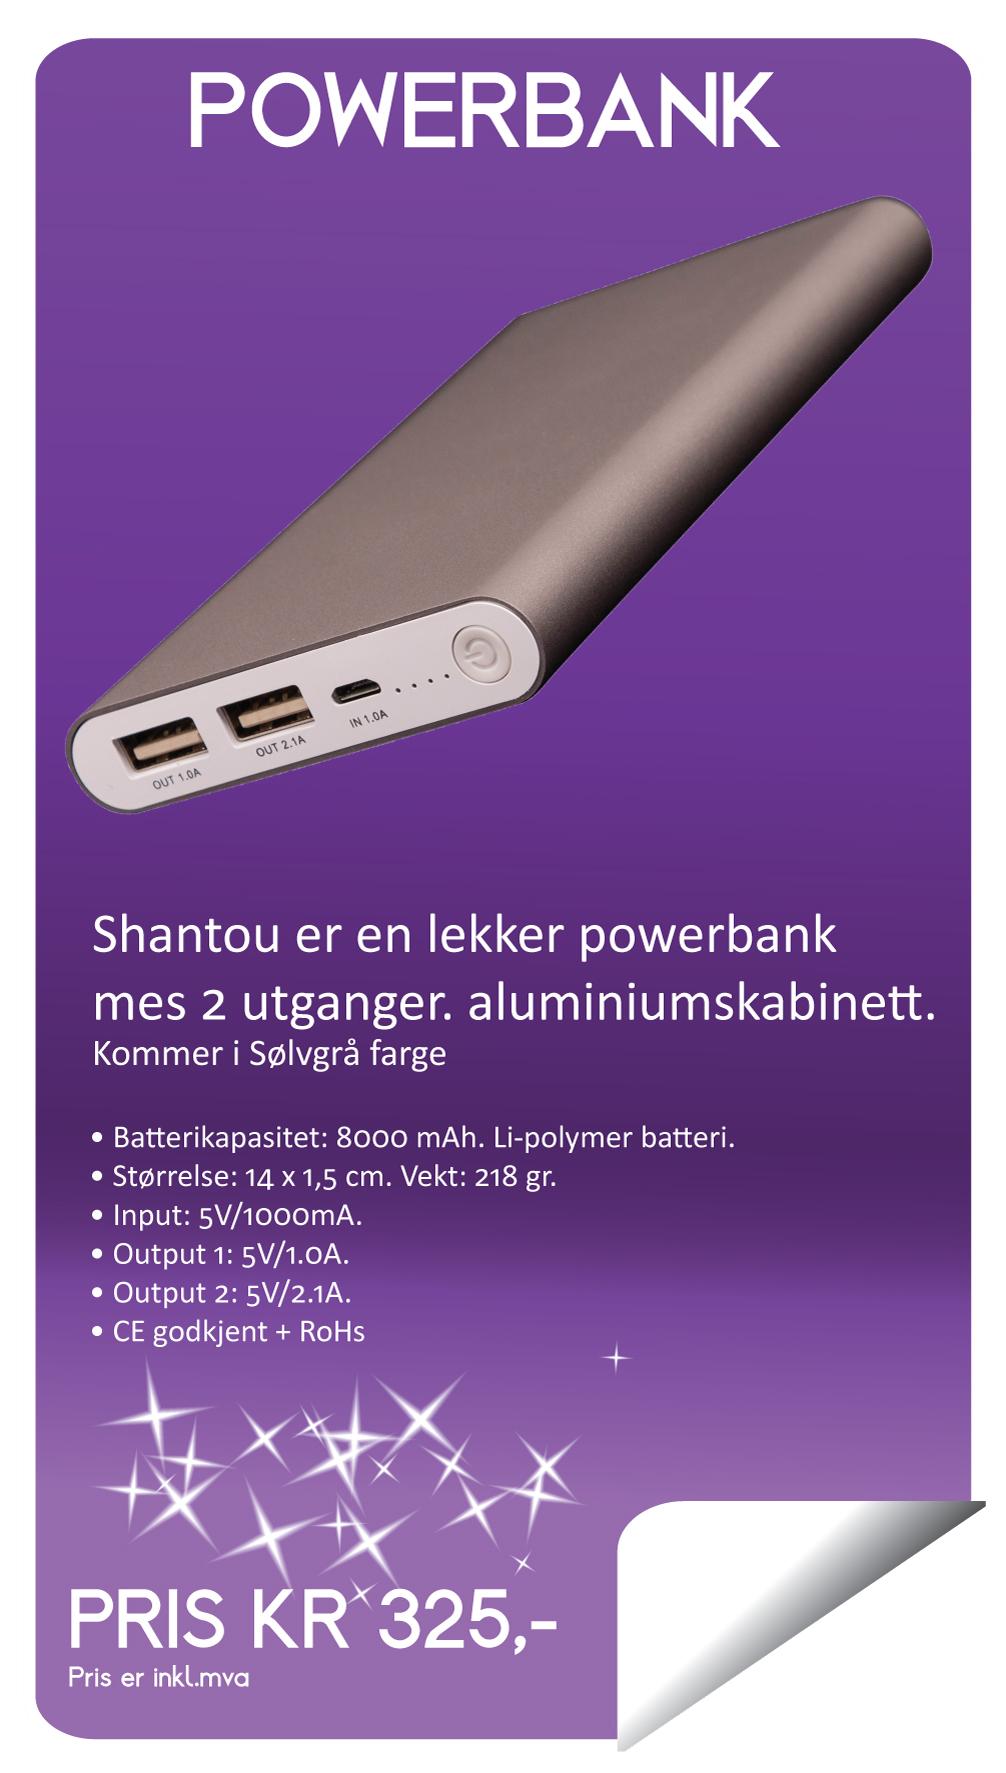 Power_Shantou